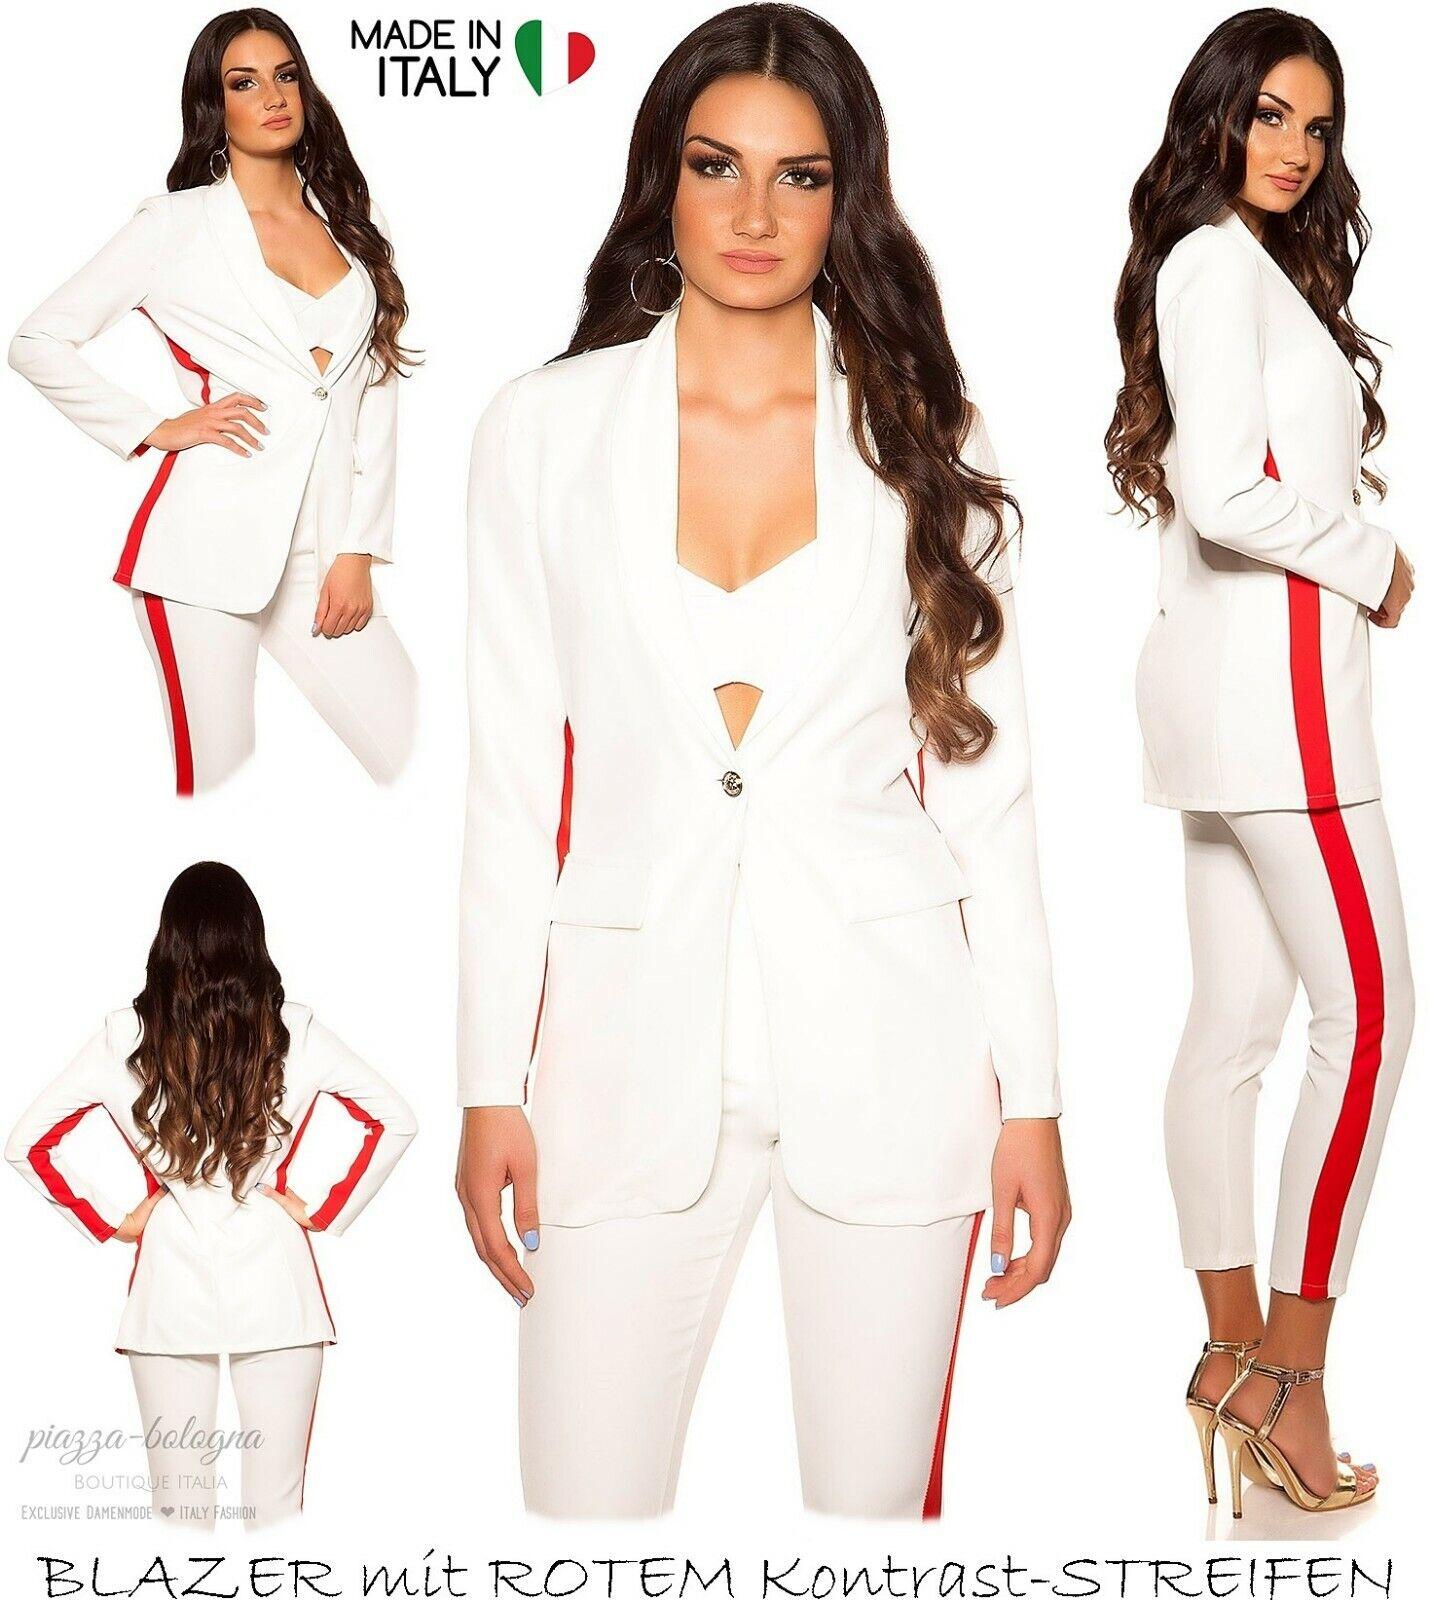 NEU 34-36 ♡ sommerleichter Blazer roter Kontrast-Streifen  Creme-Weiß XS-S